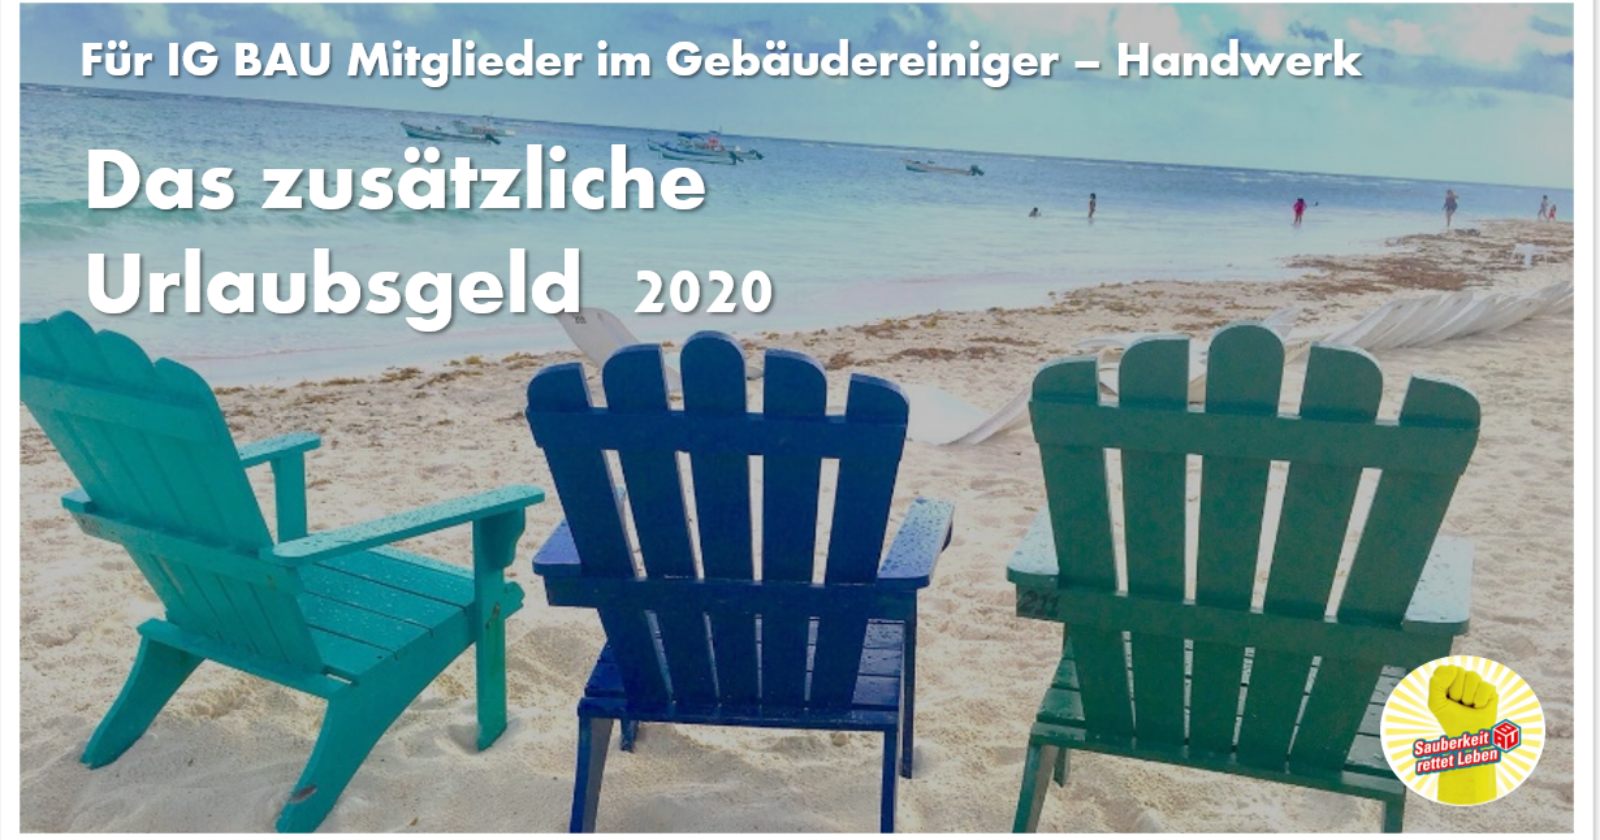 Für Mitglieder der IG BAU in der Gebäudereinigung: Das zusätzliche Urlaubsgeld 2020